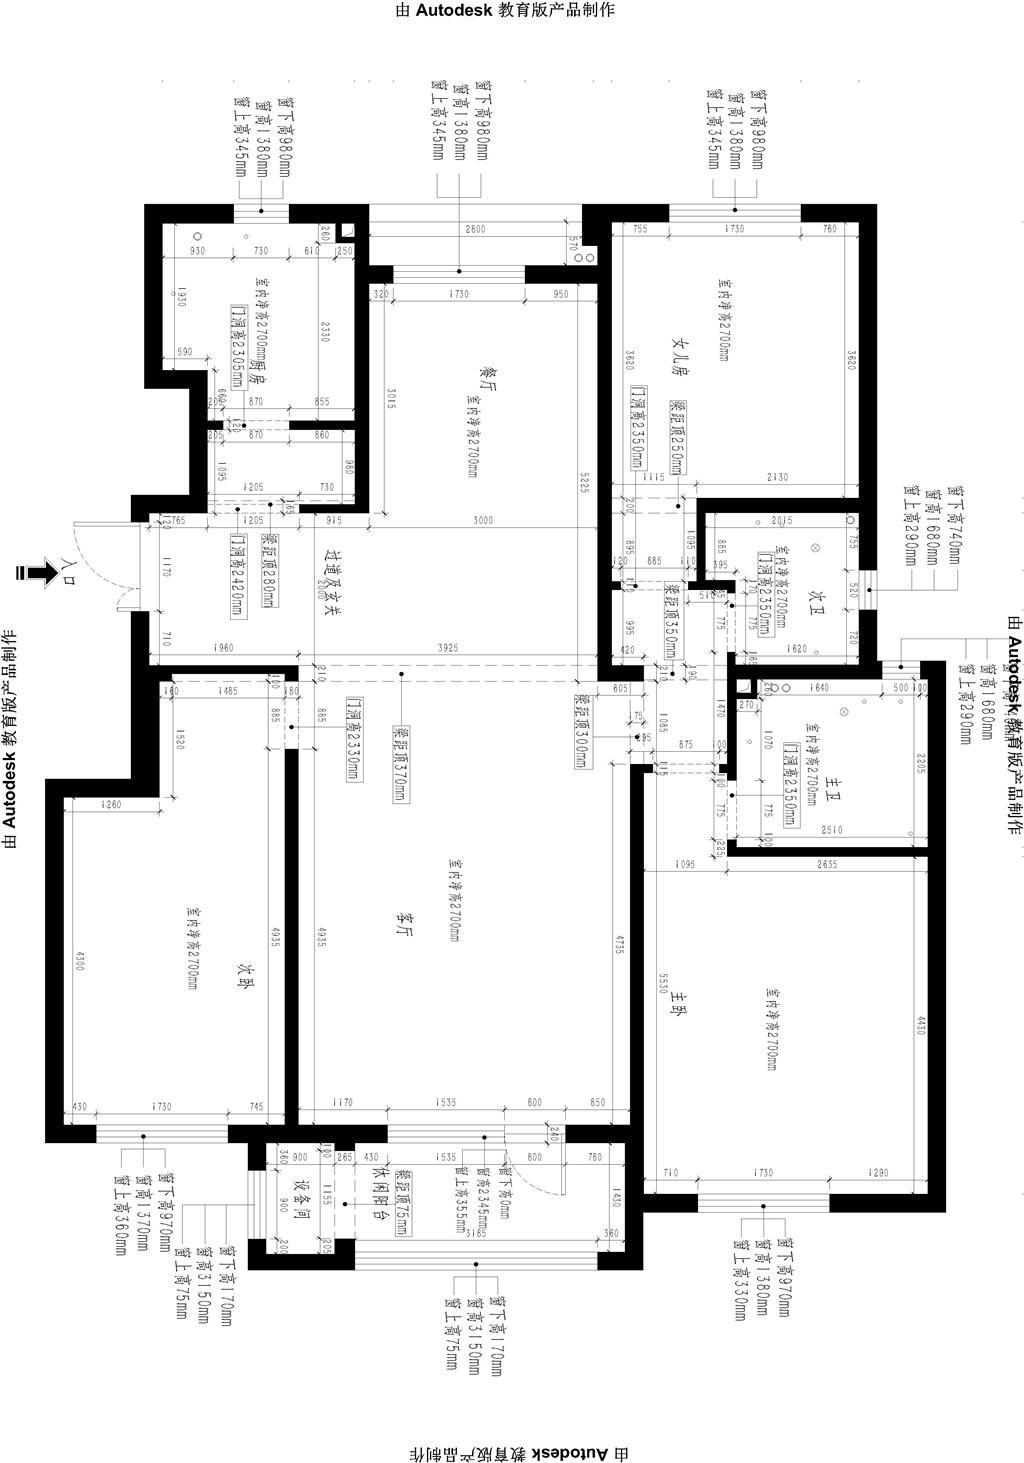 叠山院-现代简约-148平米装修设计理念